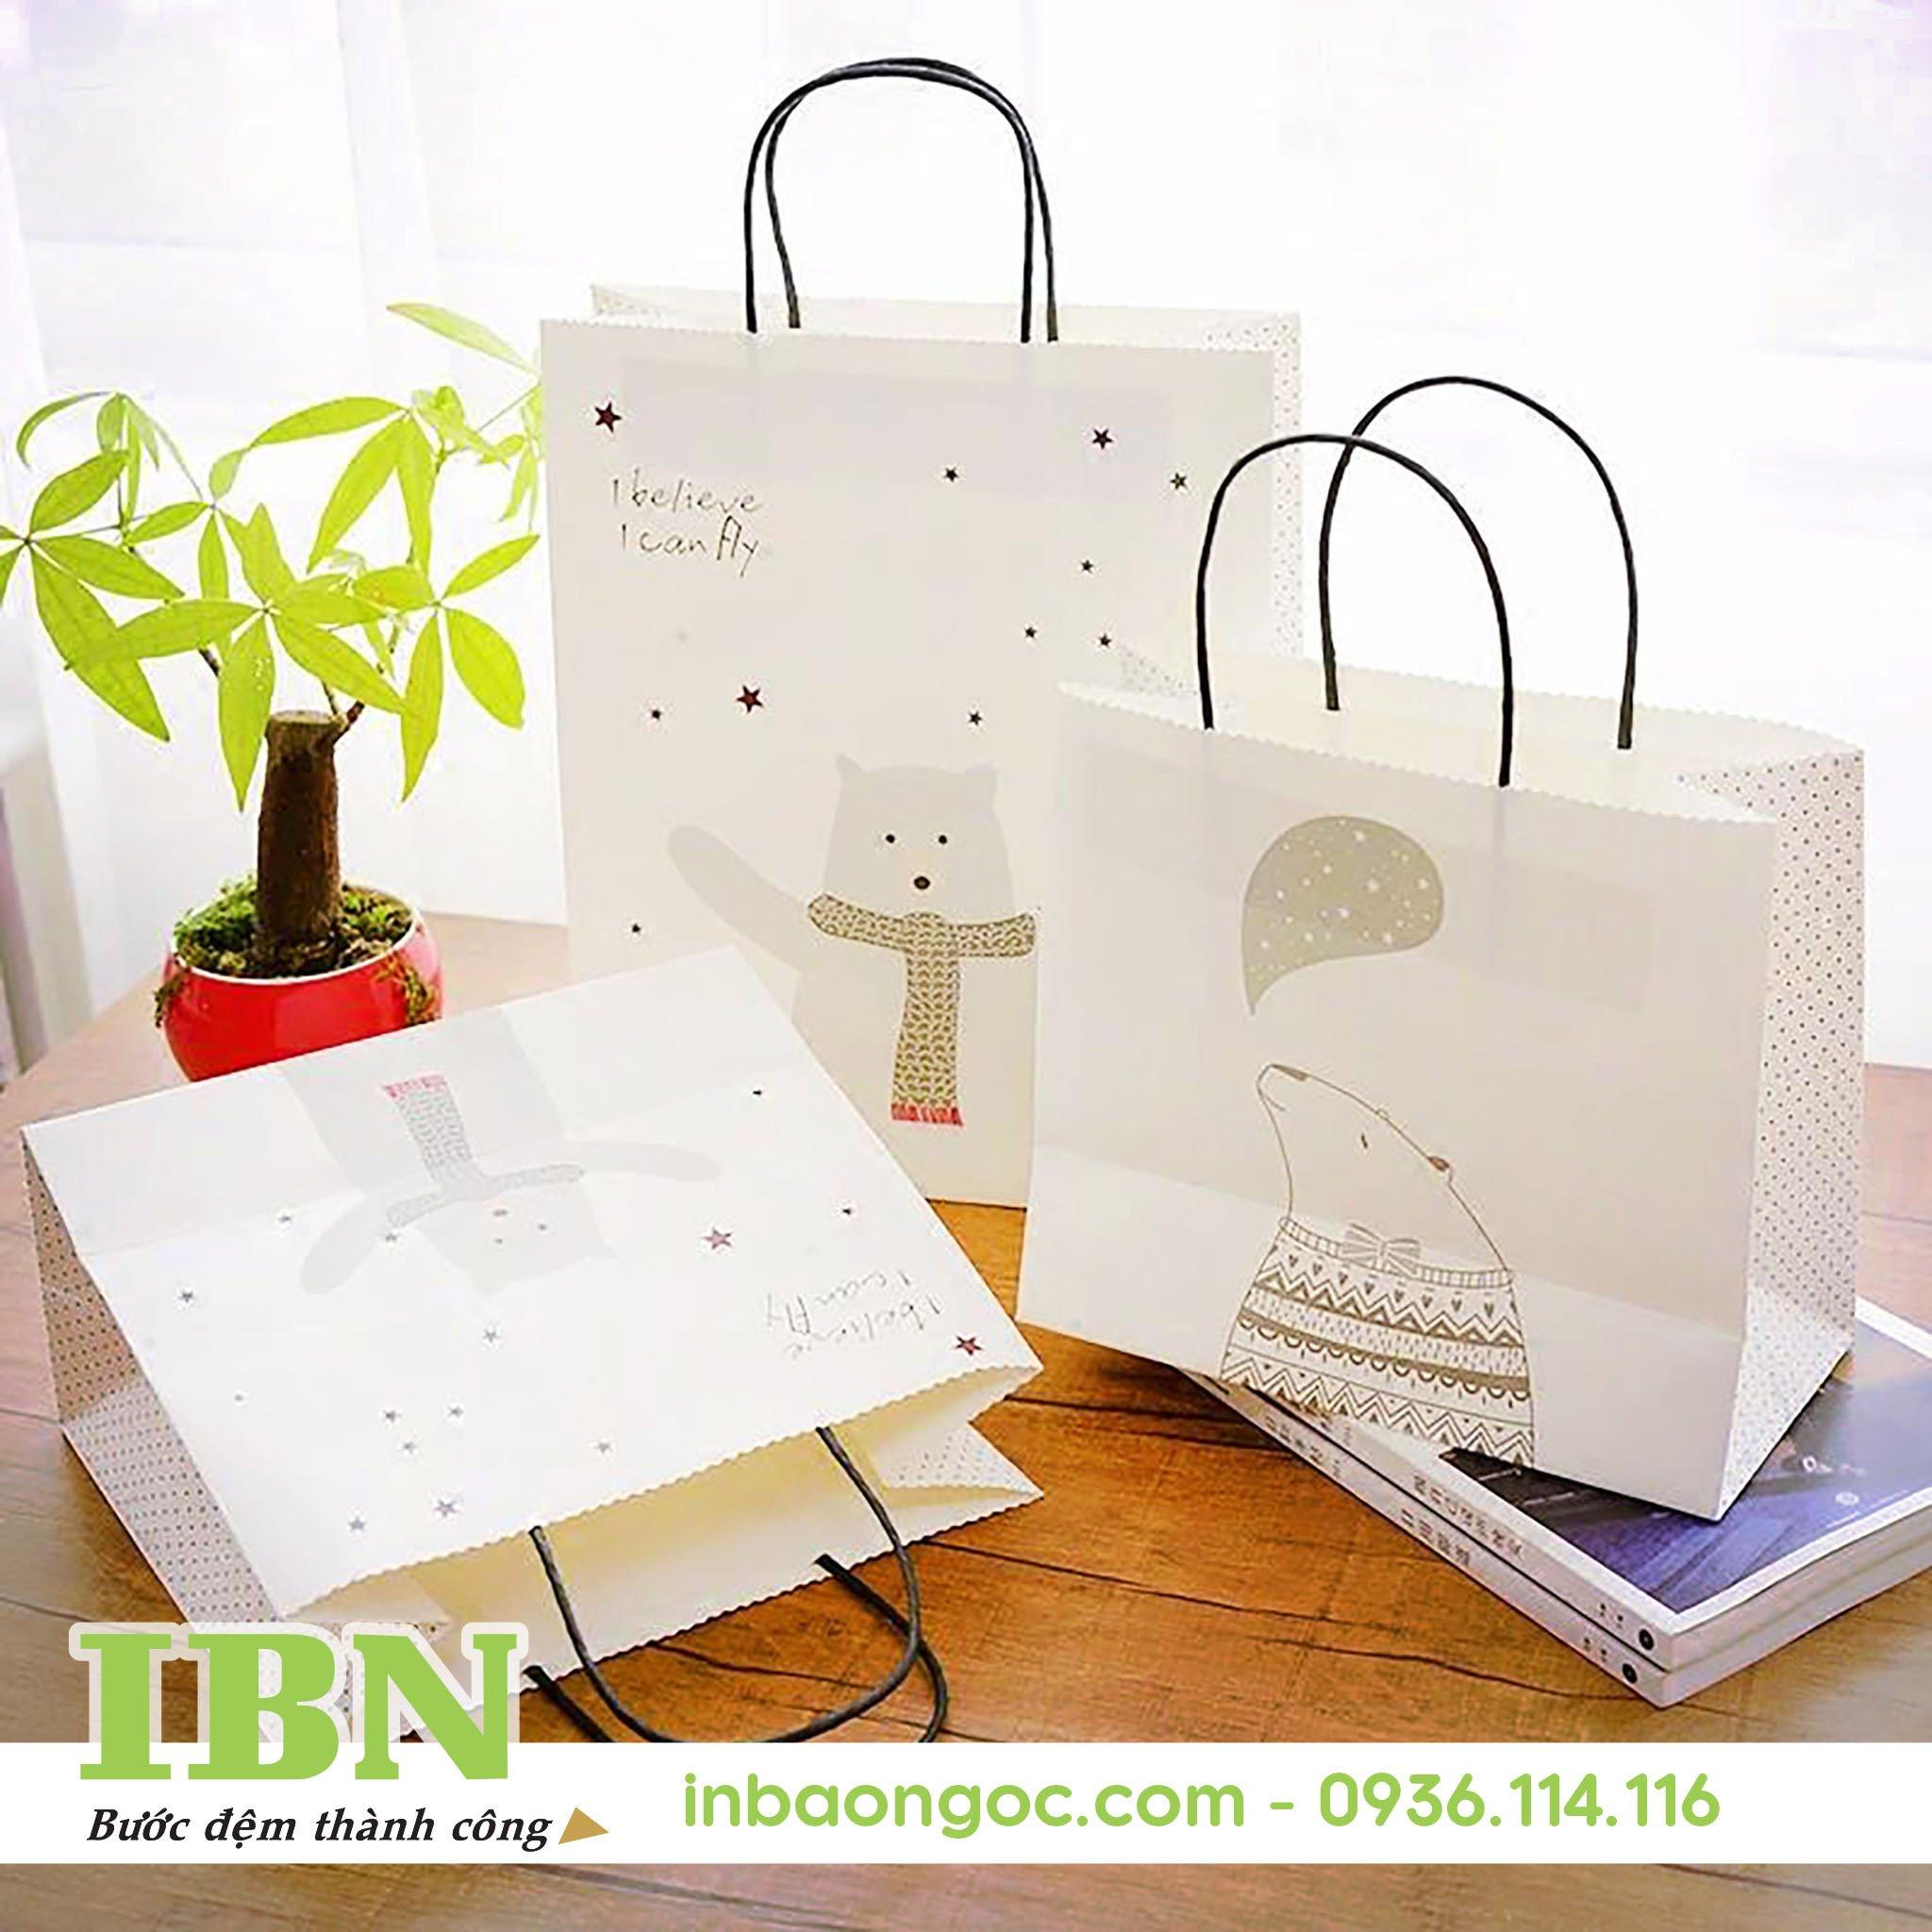 sản xuất túi giấy thân thiện môi trường đẹp